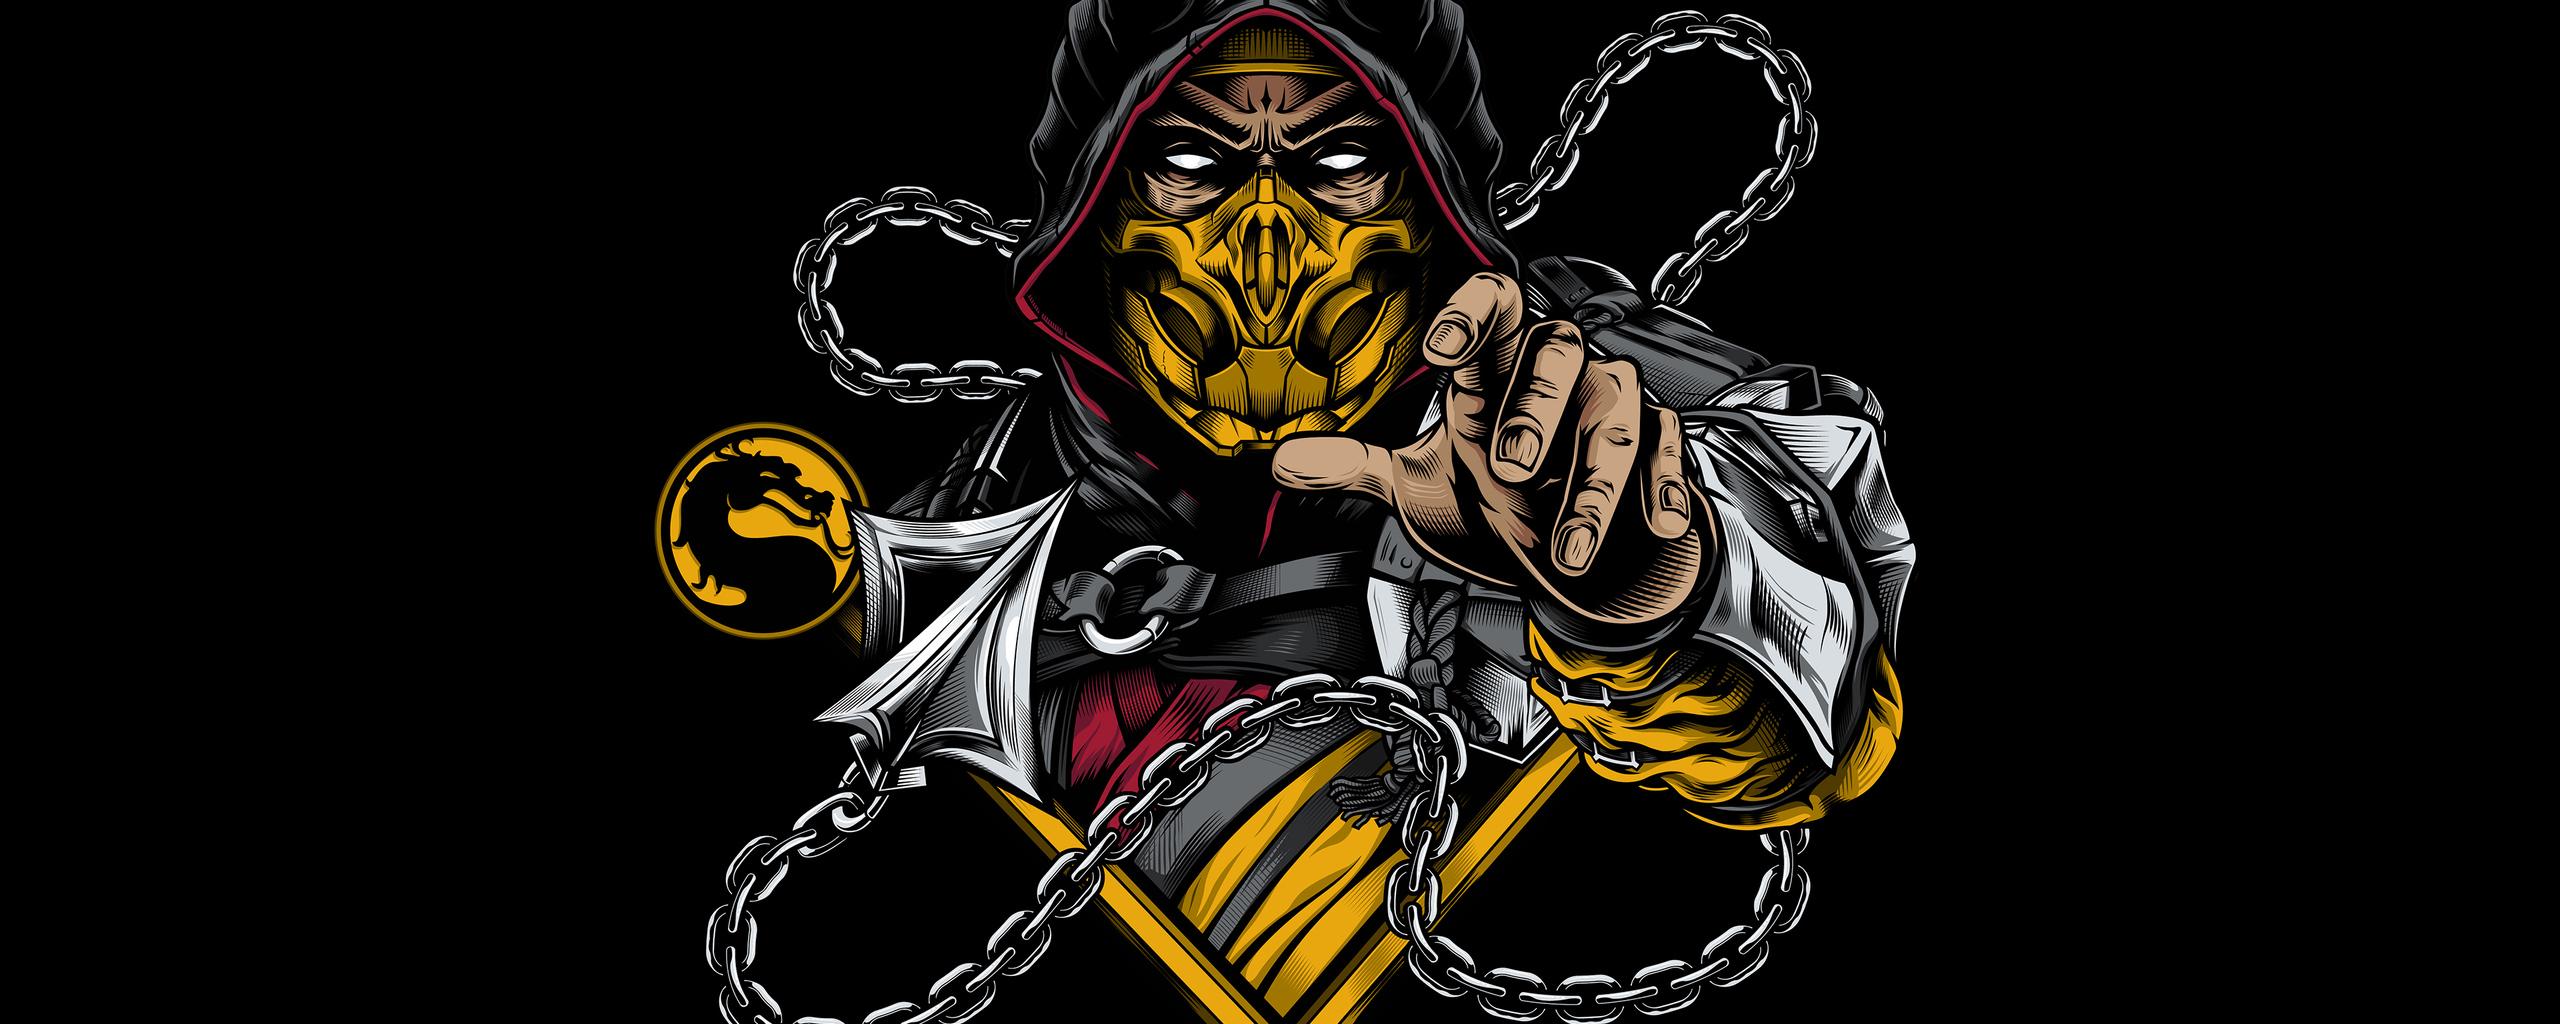 2560x1024 Scorpion Sub Zero Mortal Kombat Minimal 4k ...